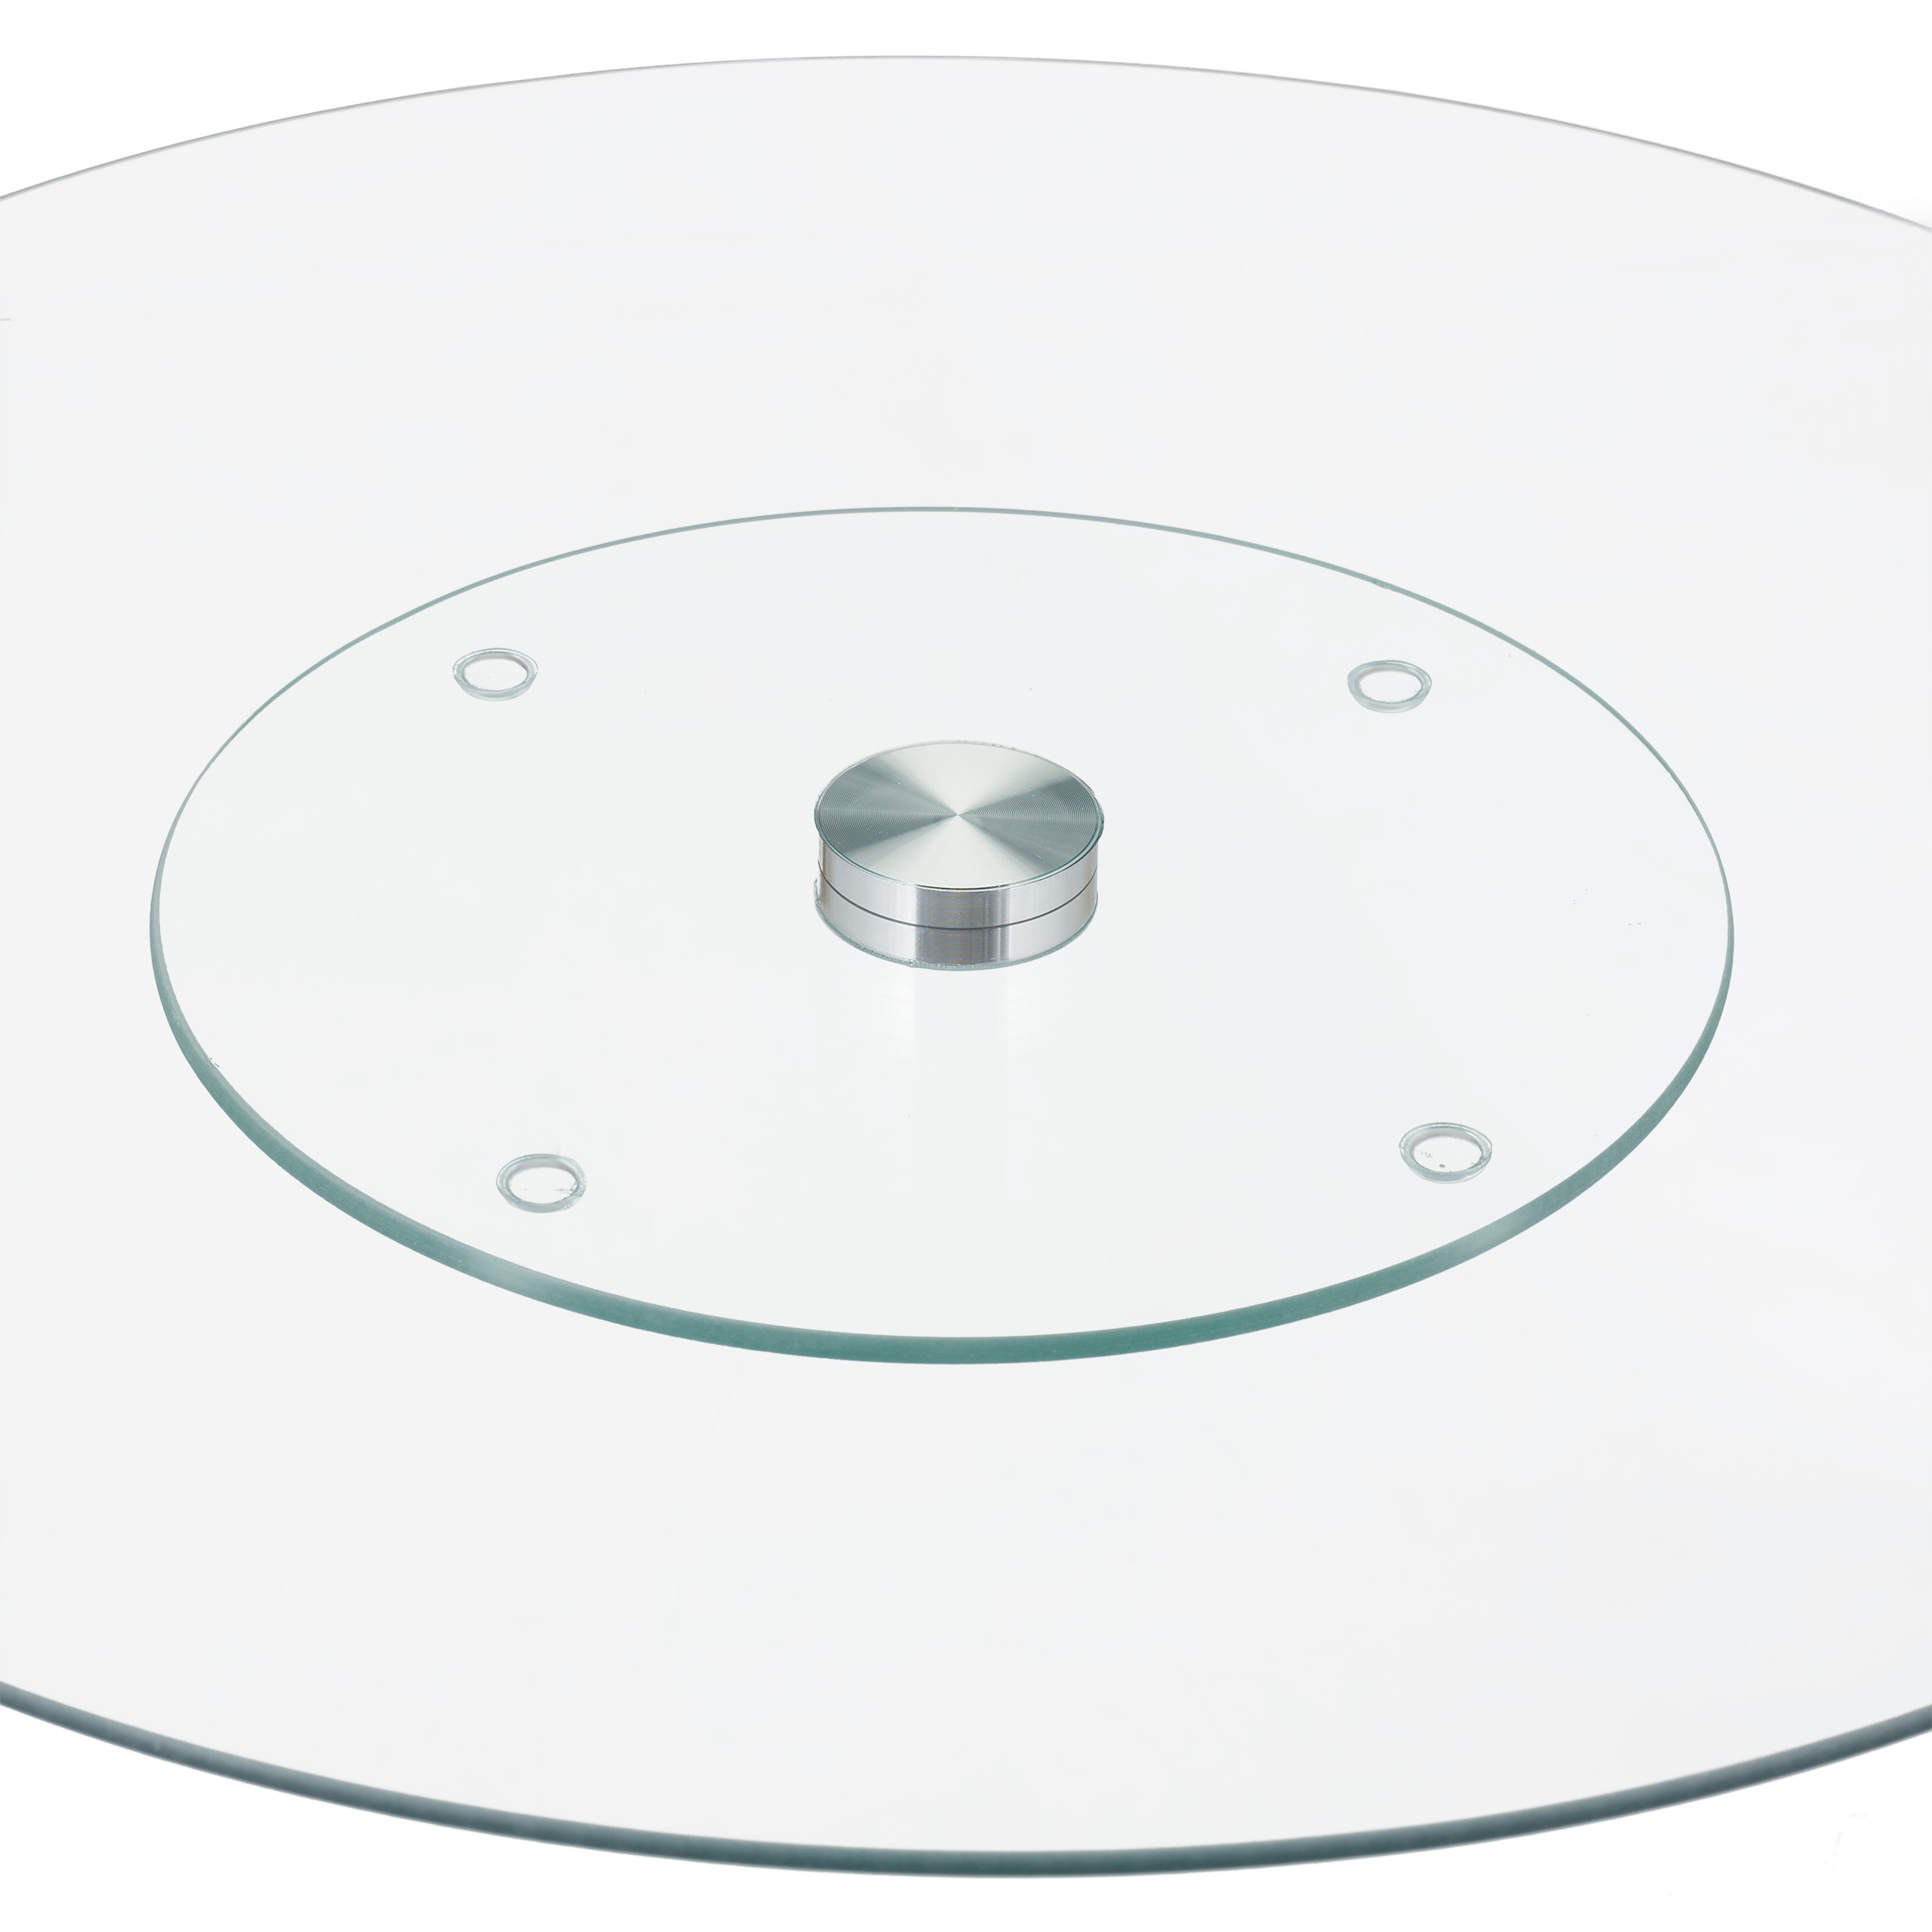 Servierplatte-Tortenplatte-Kuchenplatte-Glas-Drehteller-Kaeseplatte-drehbar-rund Indexbild 3